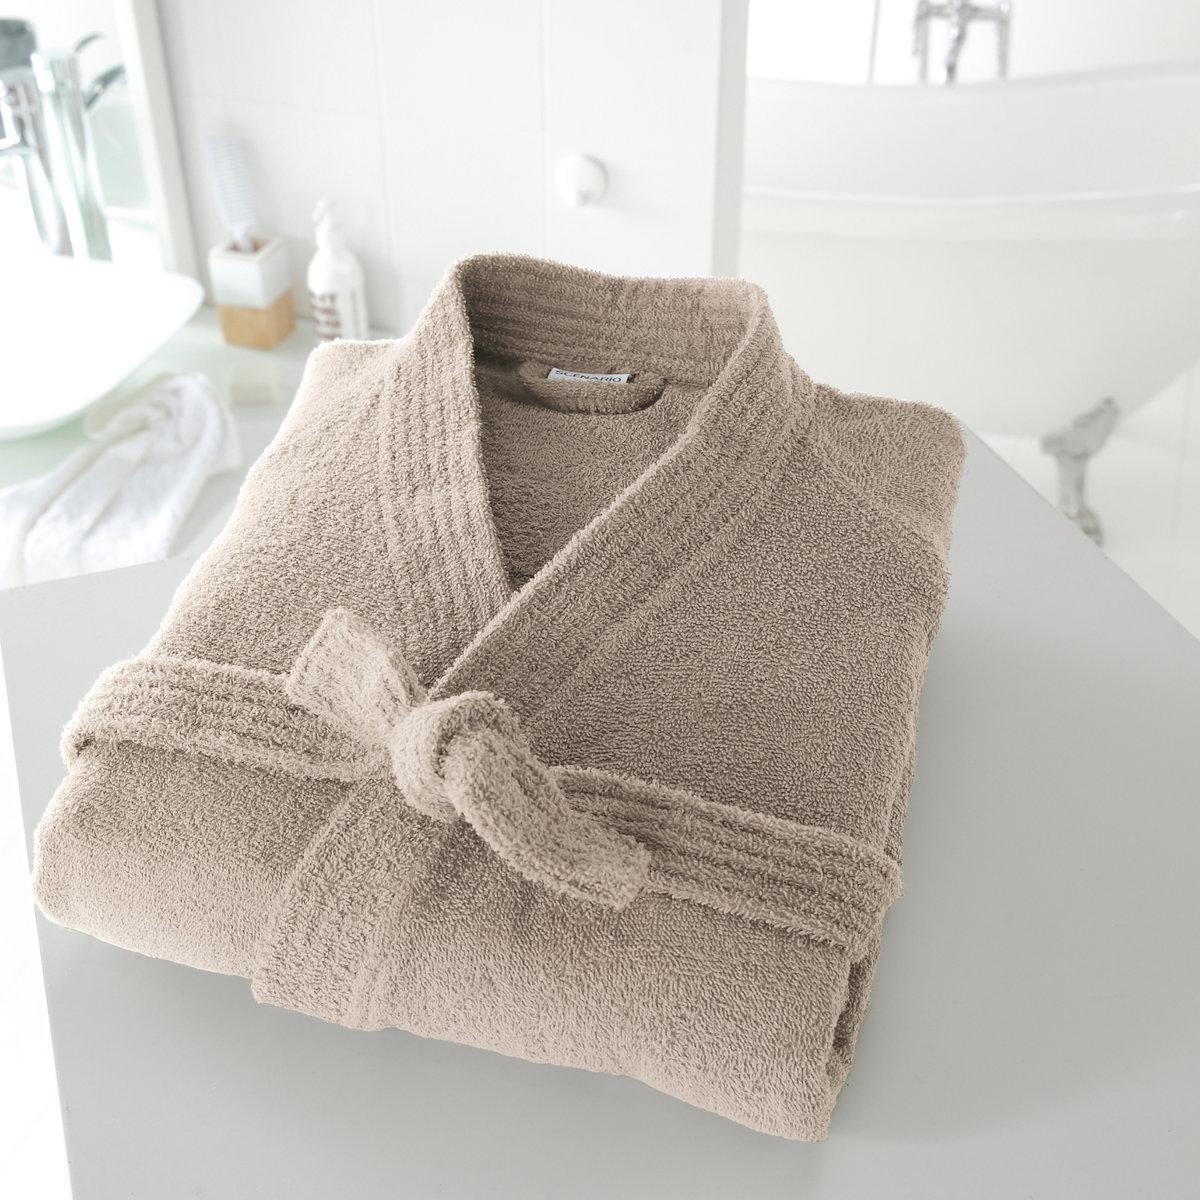 Халат-кимоно 350 г/м?Описание халата:Этот халат имеет знак качества Valeur S?re, протестирован и проконтролирован в лаборатории.2 накладных кармана, пояс под шлевками. Легок в уходе: отлично сохраняет цвет при стирке при 60°. Машинная сушка.Длина халата: 110 - 113 см.<br><br>Цвет: белый,голубой бирюзовый,гренадин,светло-серый,серо-бежевый,синий морской волны,темно-серый,фиолетовый,черный<br>Размер: 46/48 (FR) - 52/54 (RUS).50/52 (FR) - 56/58 (RUS).42/44 (FR) - 48/50 (RUS).46/48 (FR) - 52/54 (RUS).34/36 (FR) - 40/42 (RUS).42/44 (FR) - 48/50 (RUS)